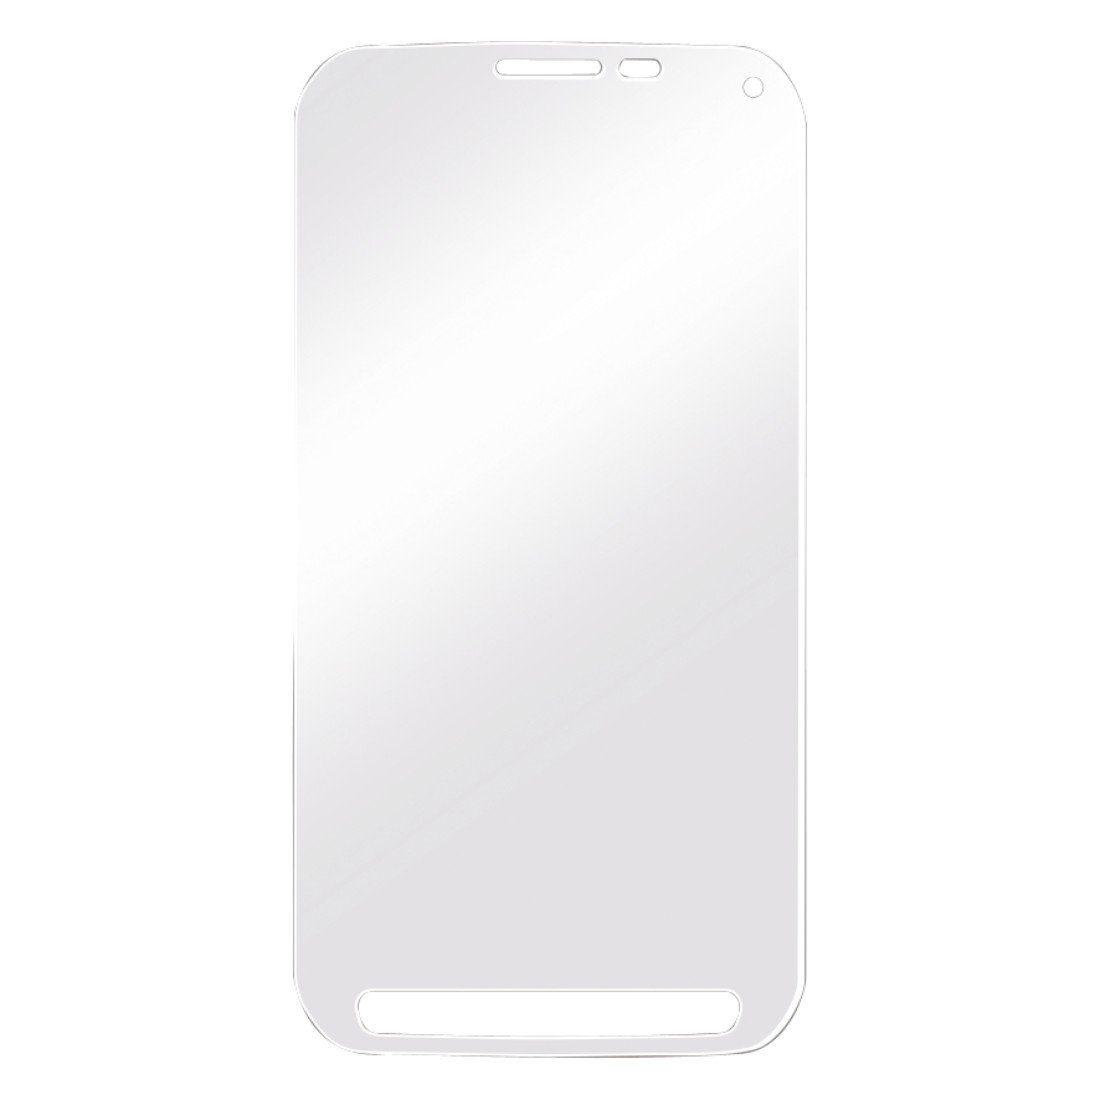 Hama Display-Schutzfolie für Nokia Lumia 730/735, 2 Stück